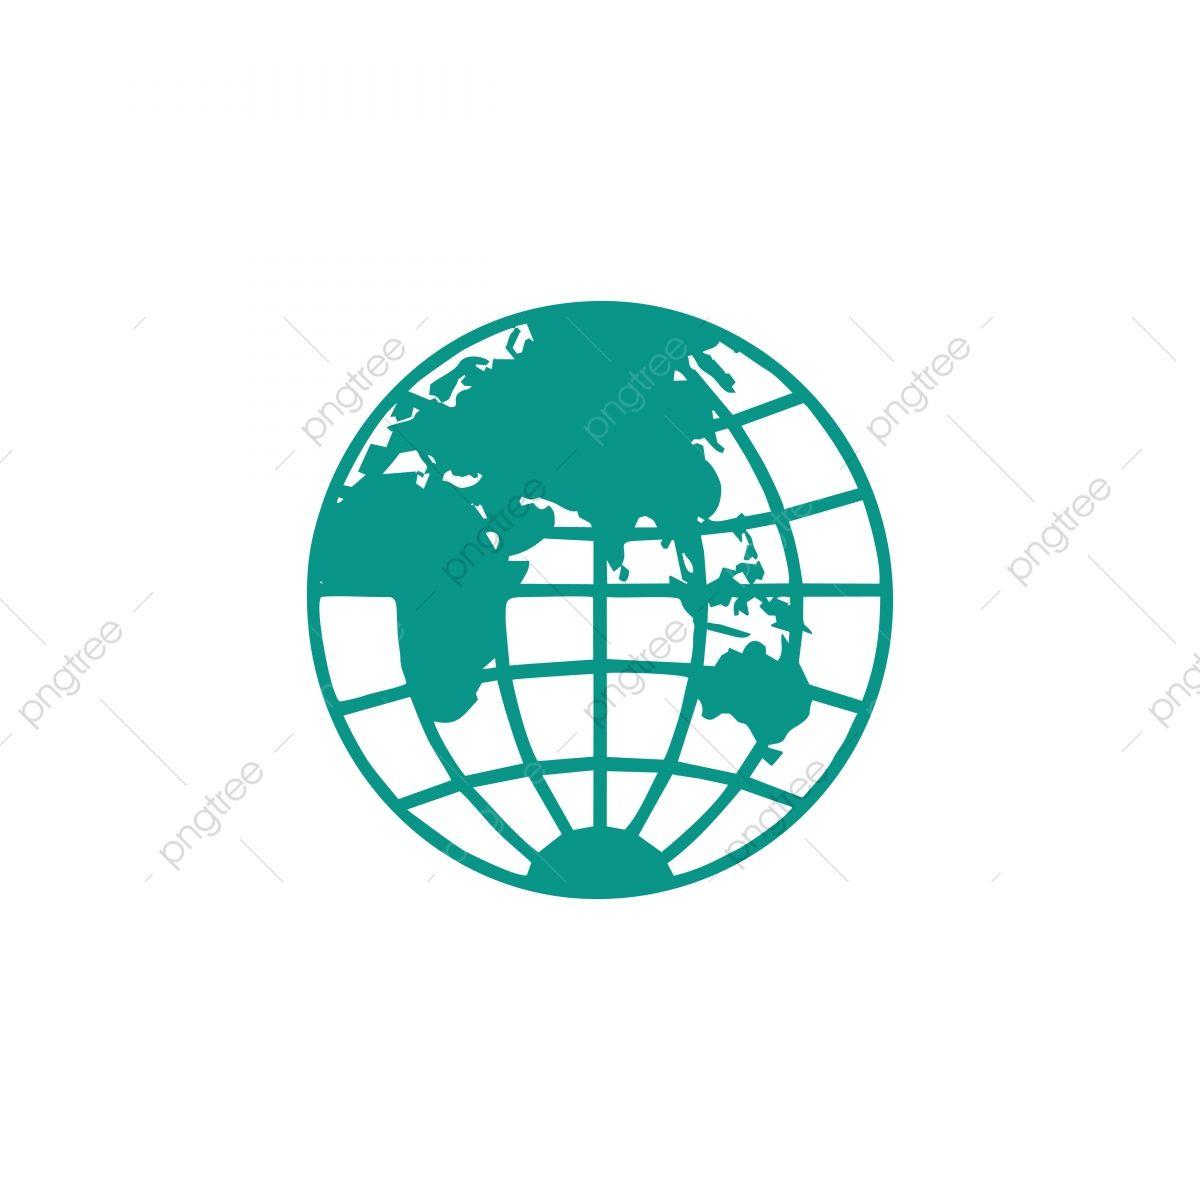 الكرة الأرضية رمز الشعار تصميم التوضيح النواقل رمز العنصر خلاصة أفريقيا أمريكا Png والمتجهات للتحميل مجانا In 2020 Globe Logo Icon Design Vector Illustration